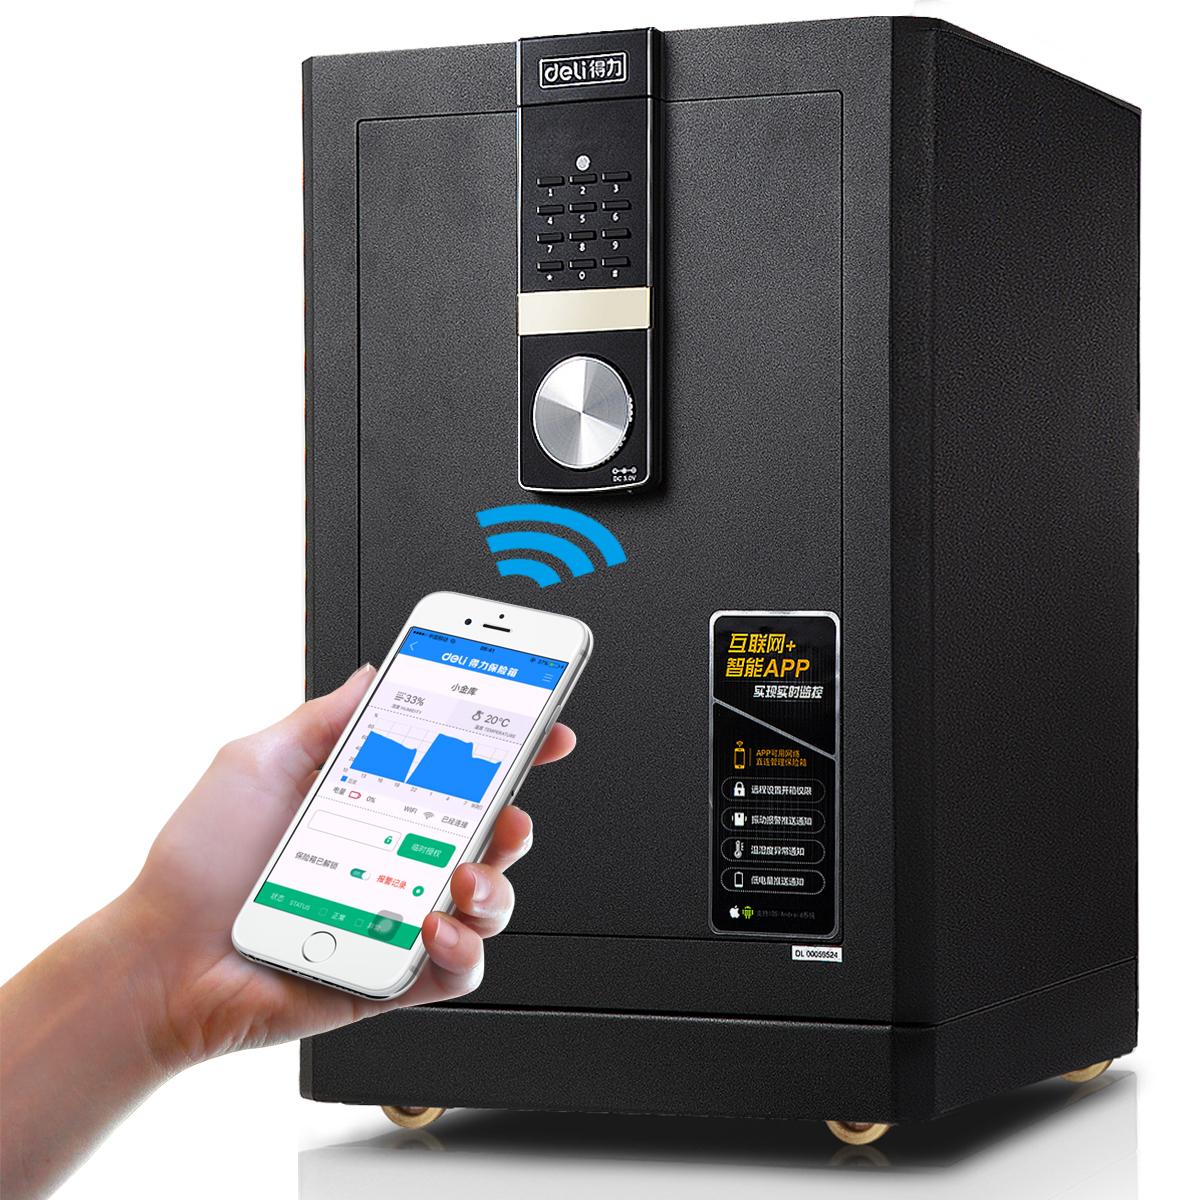 得力4086 4087保险箱智能手机APP远程监控报警 密码保险柜 wifi